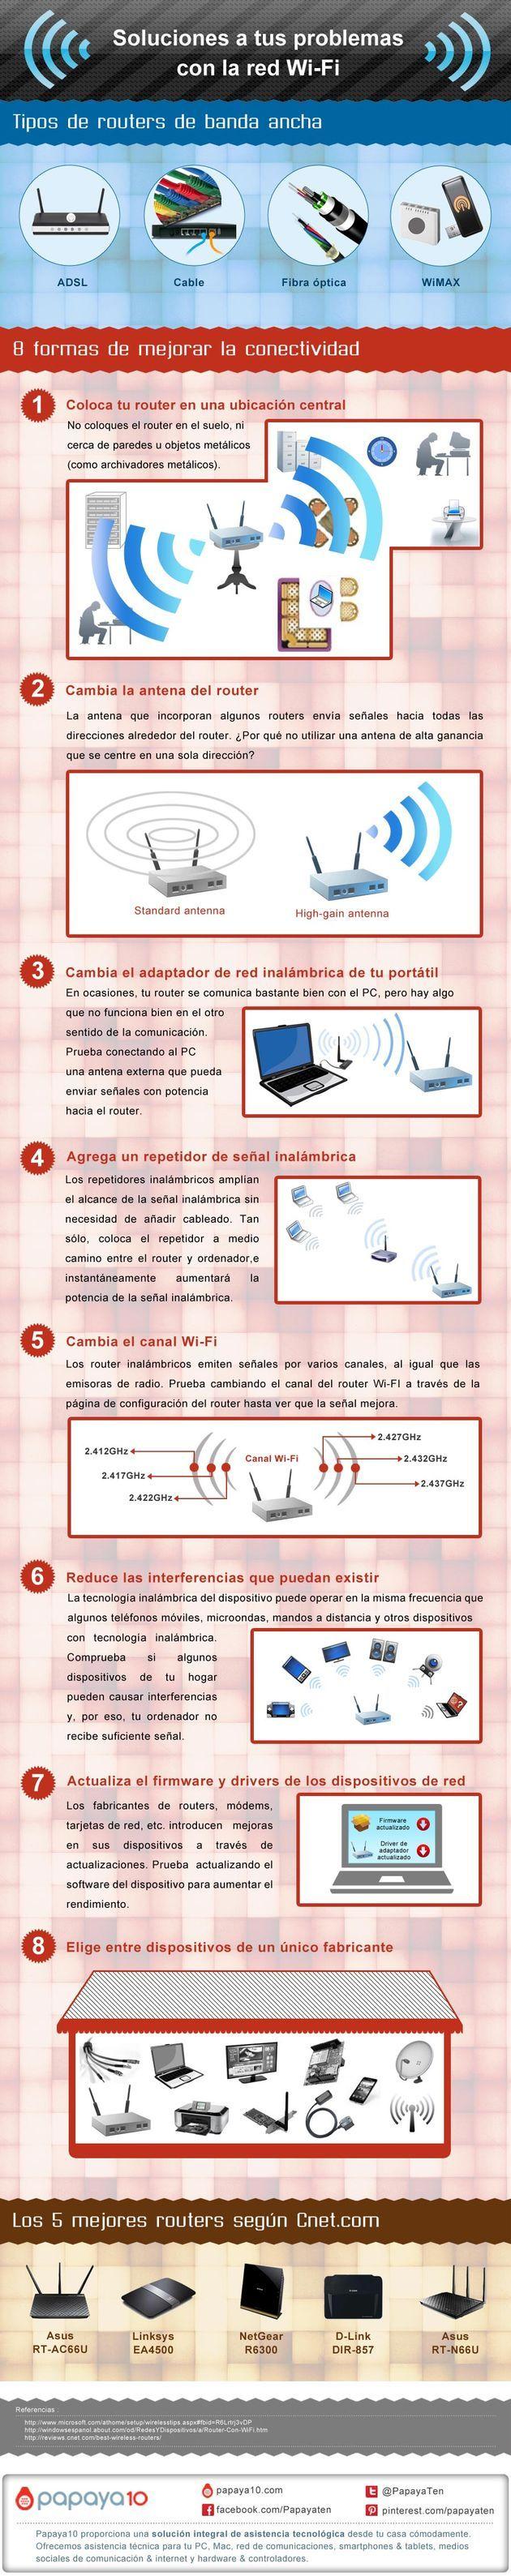 8 Consejos para mejorar la conexión #WiFi http://www.maestrodelacomputacion.net/consejos-para-mejorar-la-conexion-wifi/